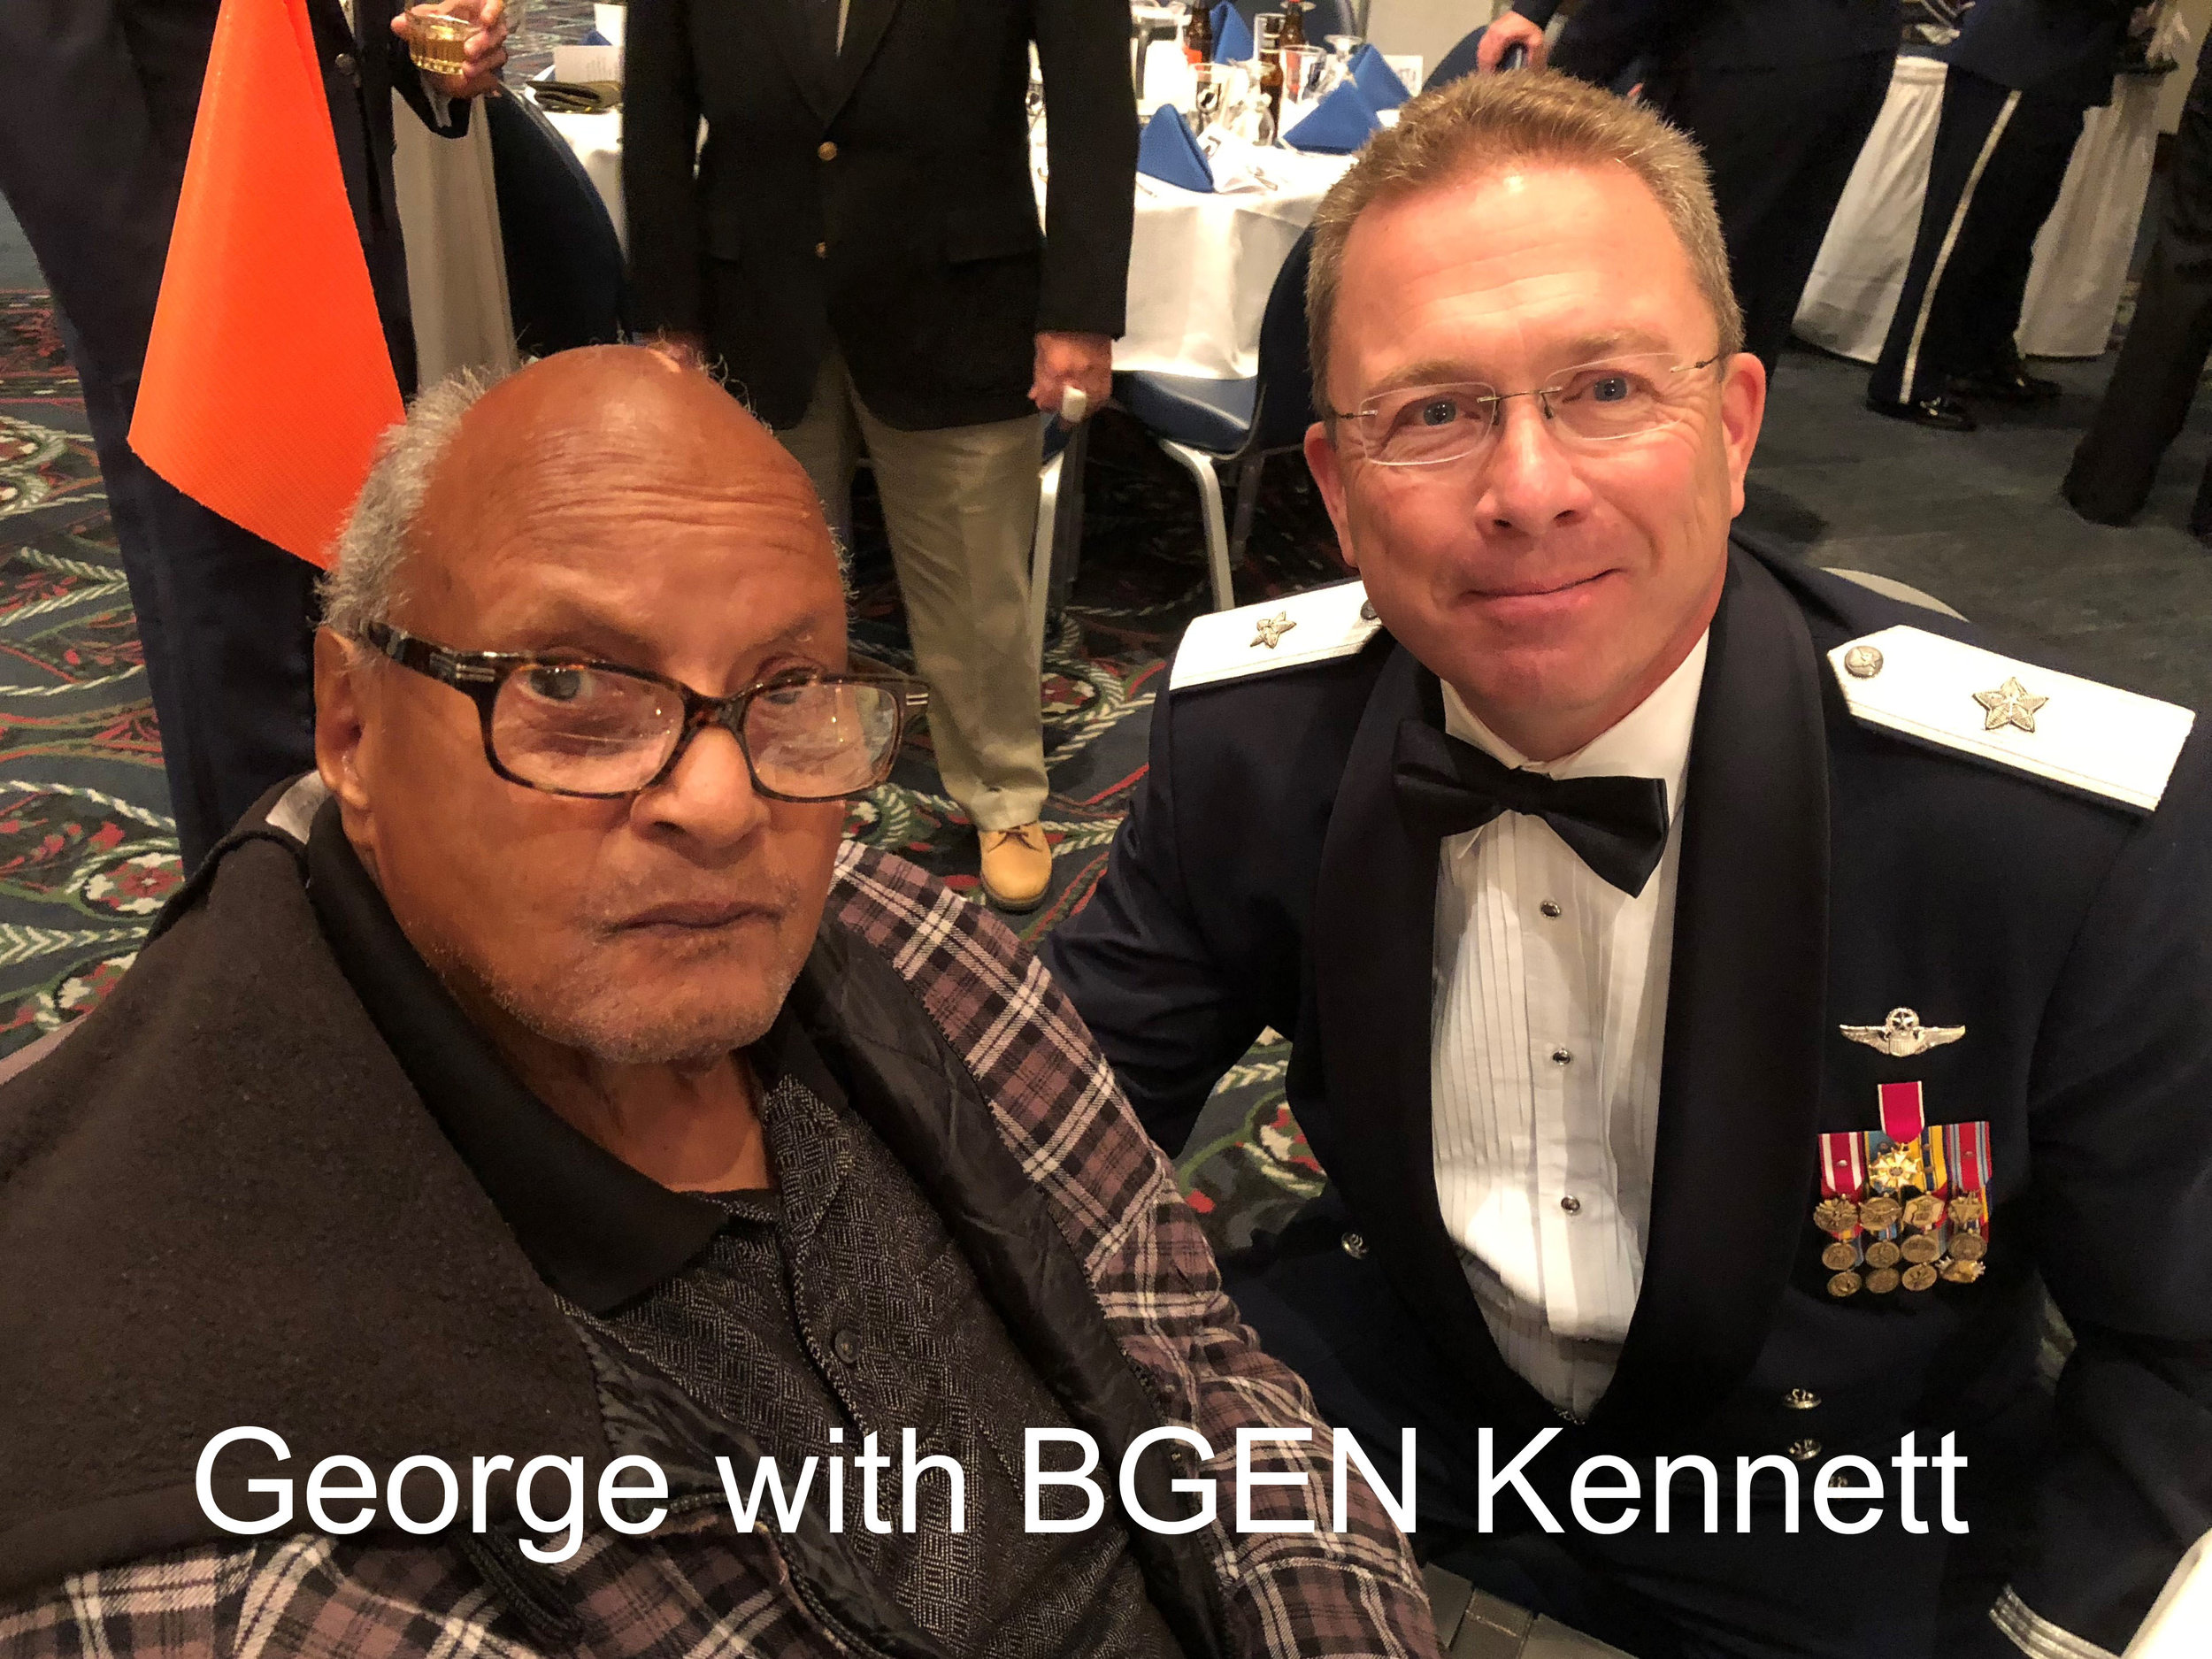 George and BGEN Kennett.jpg